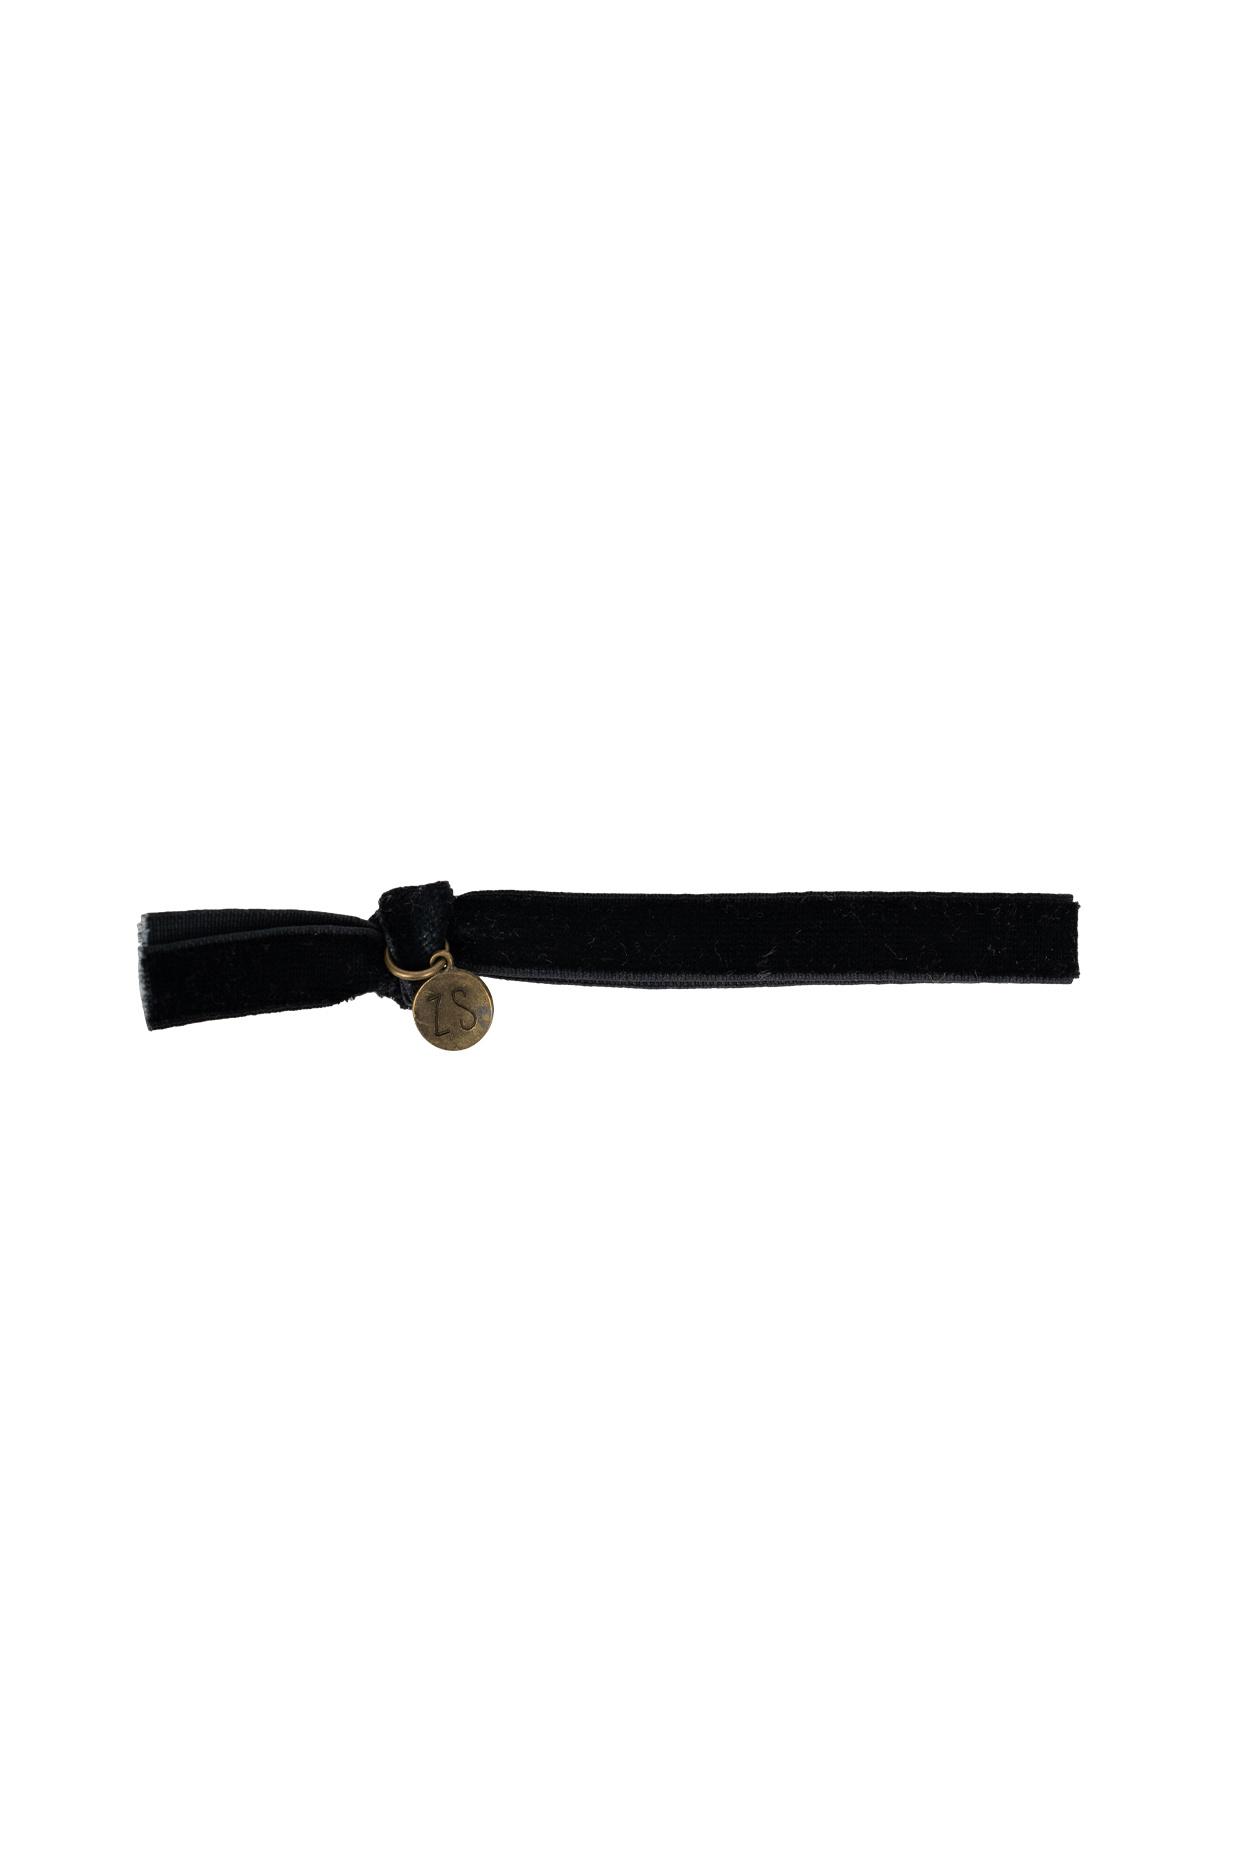 Zusss armband 24cm, fluweel - zwart